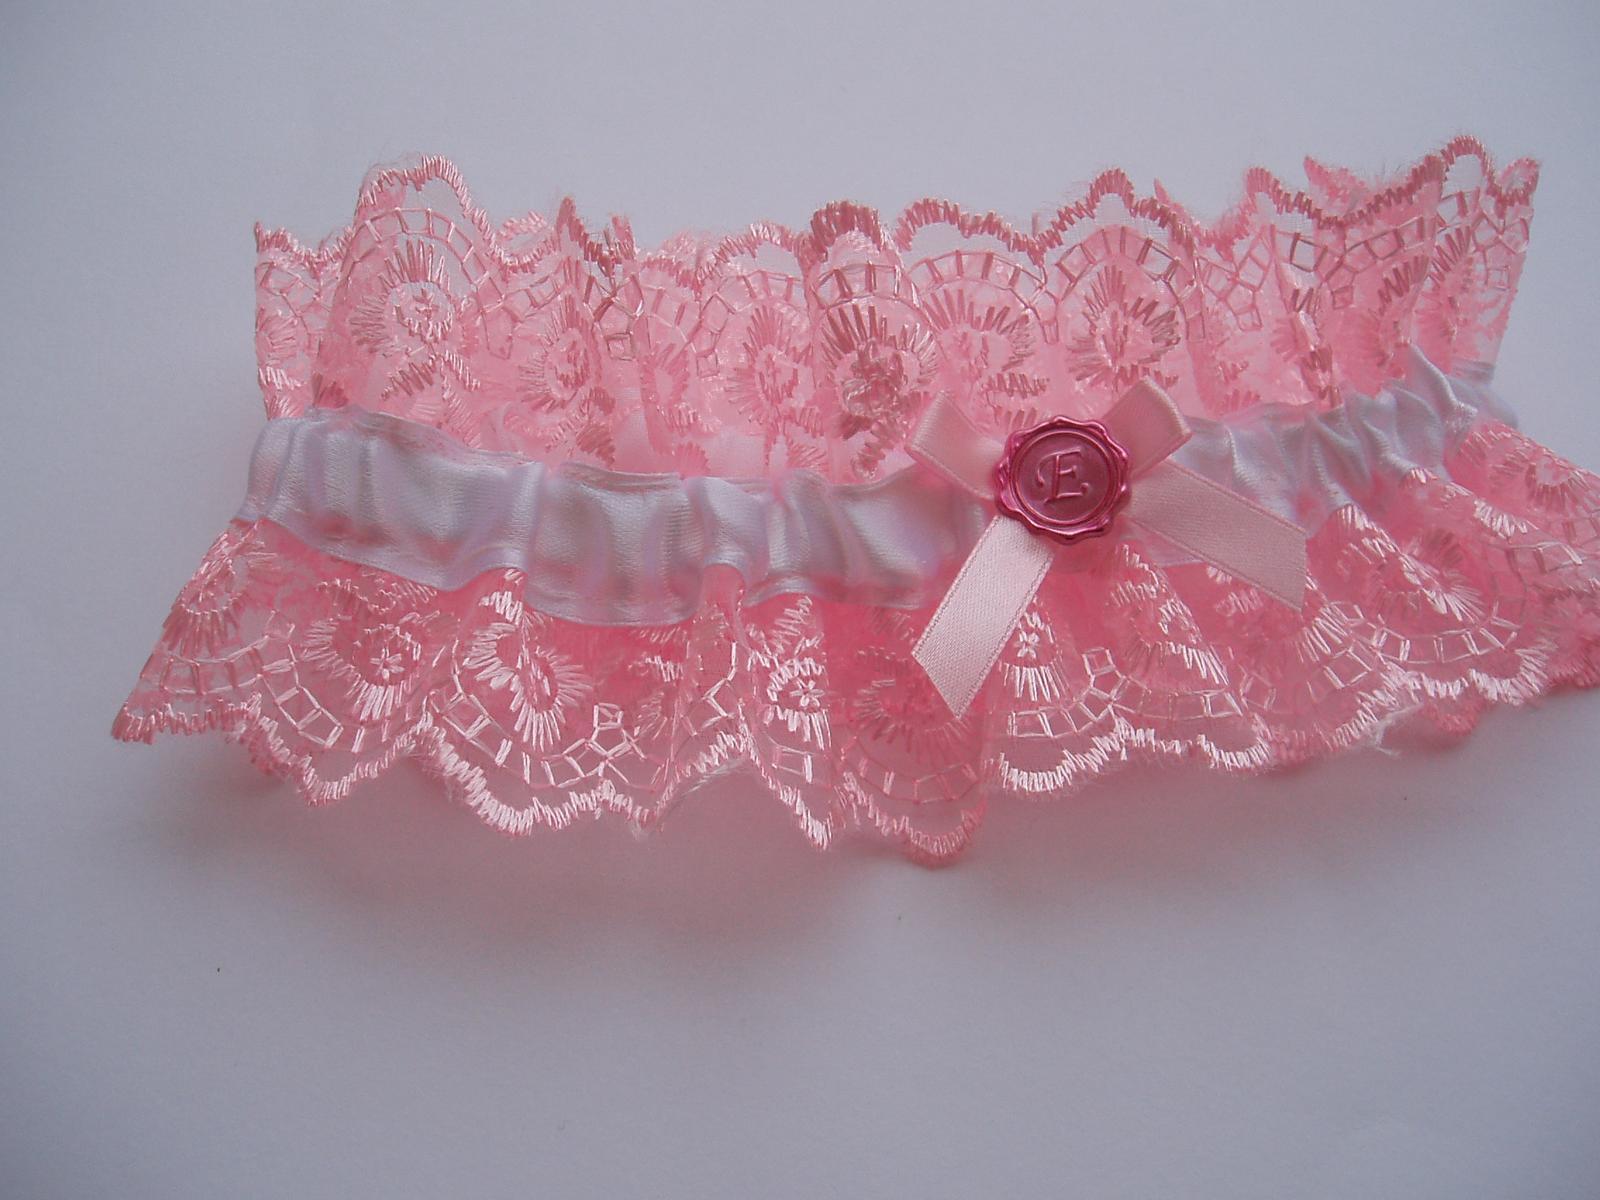 růžový podvazek - Obrázek č. 1